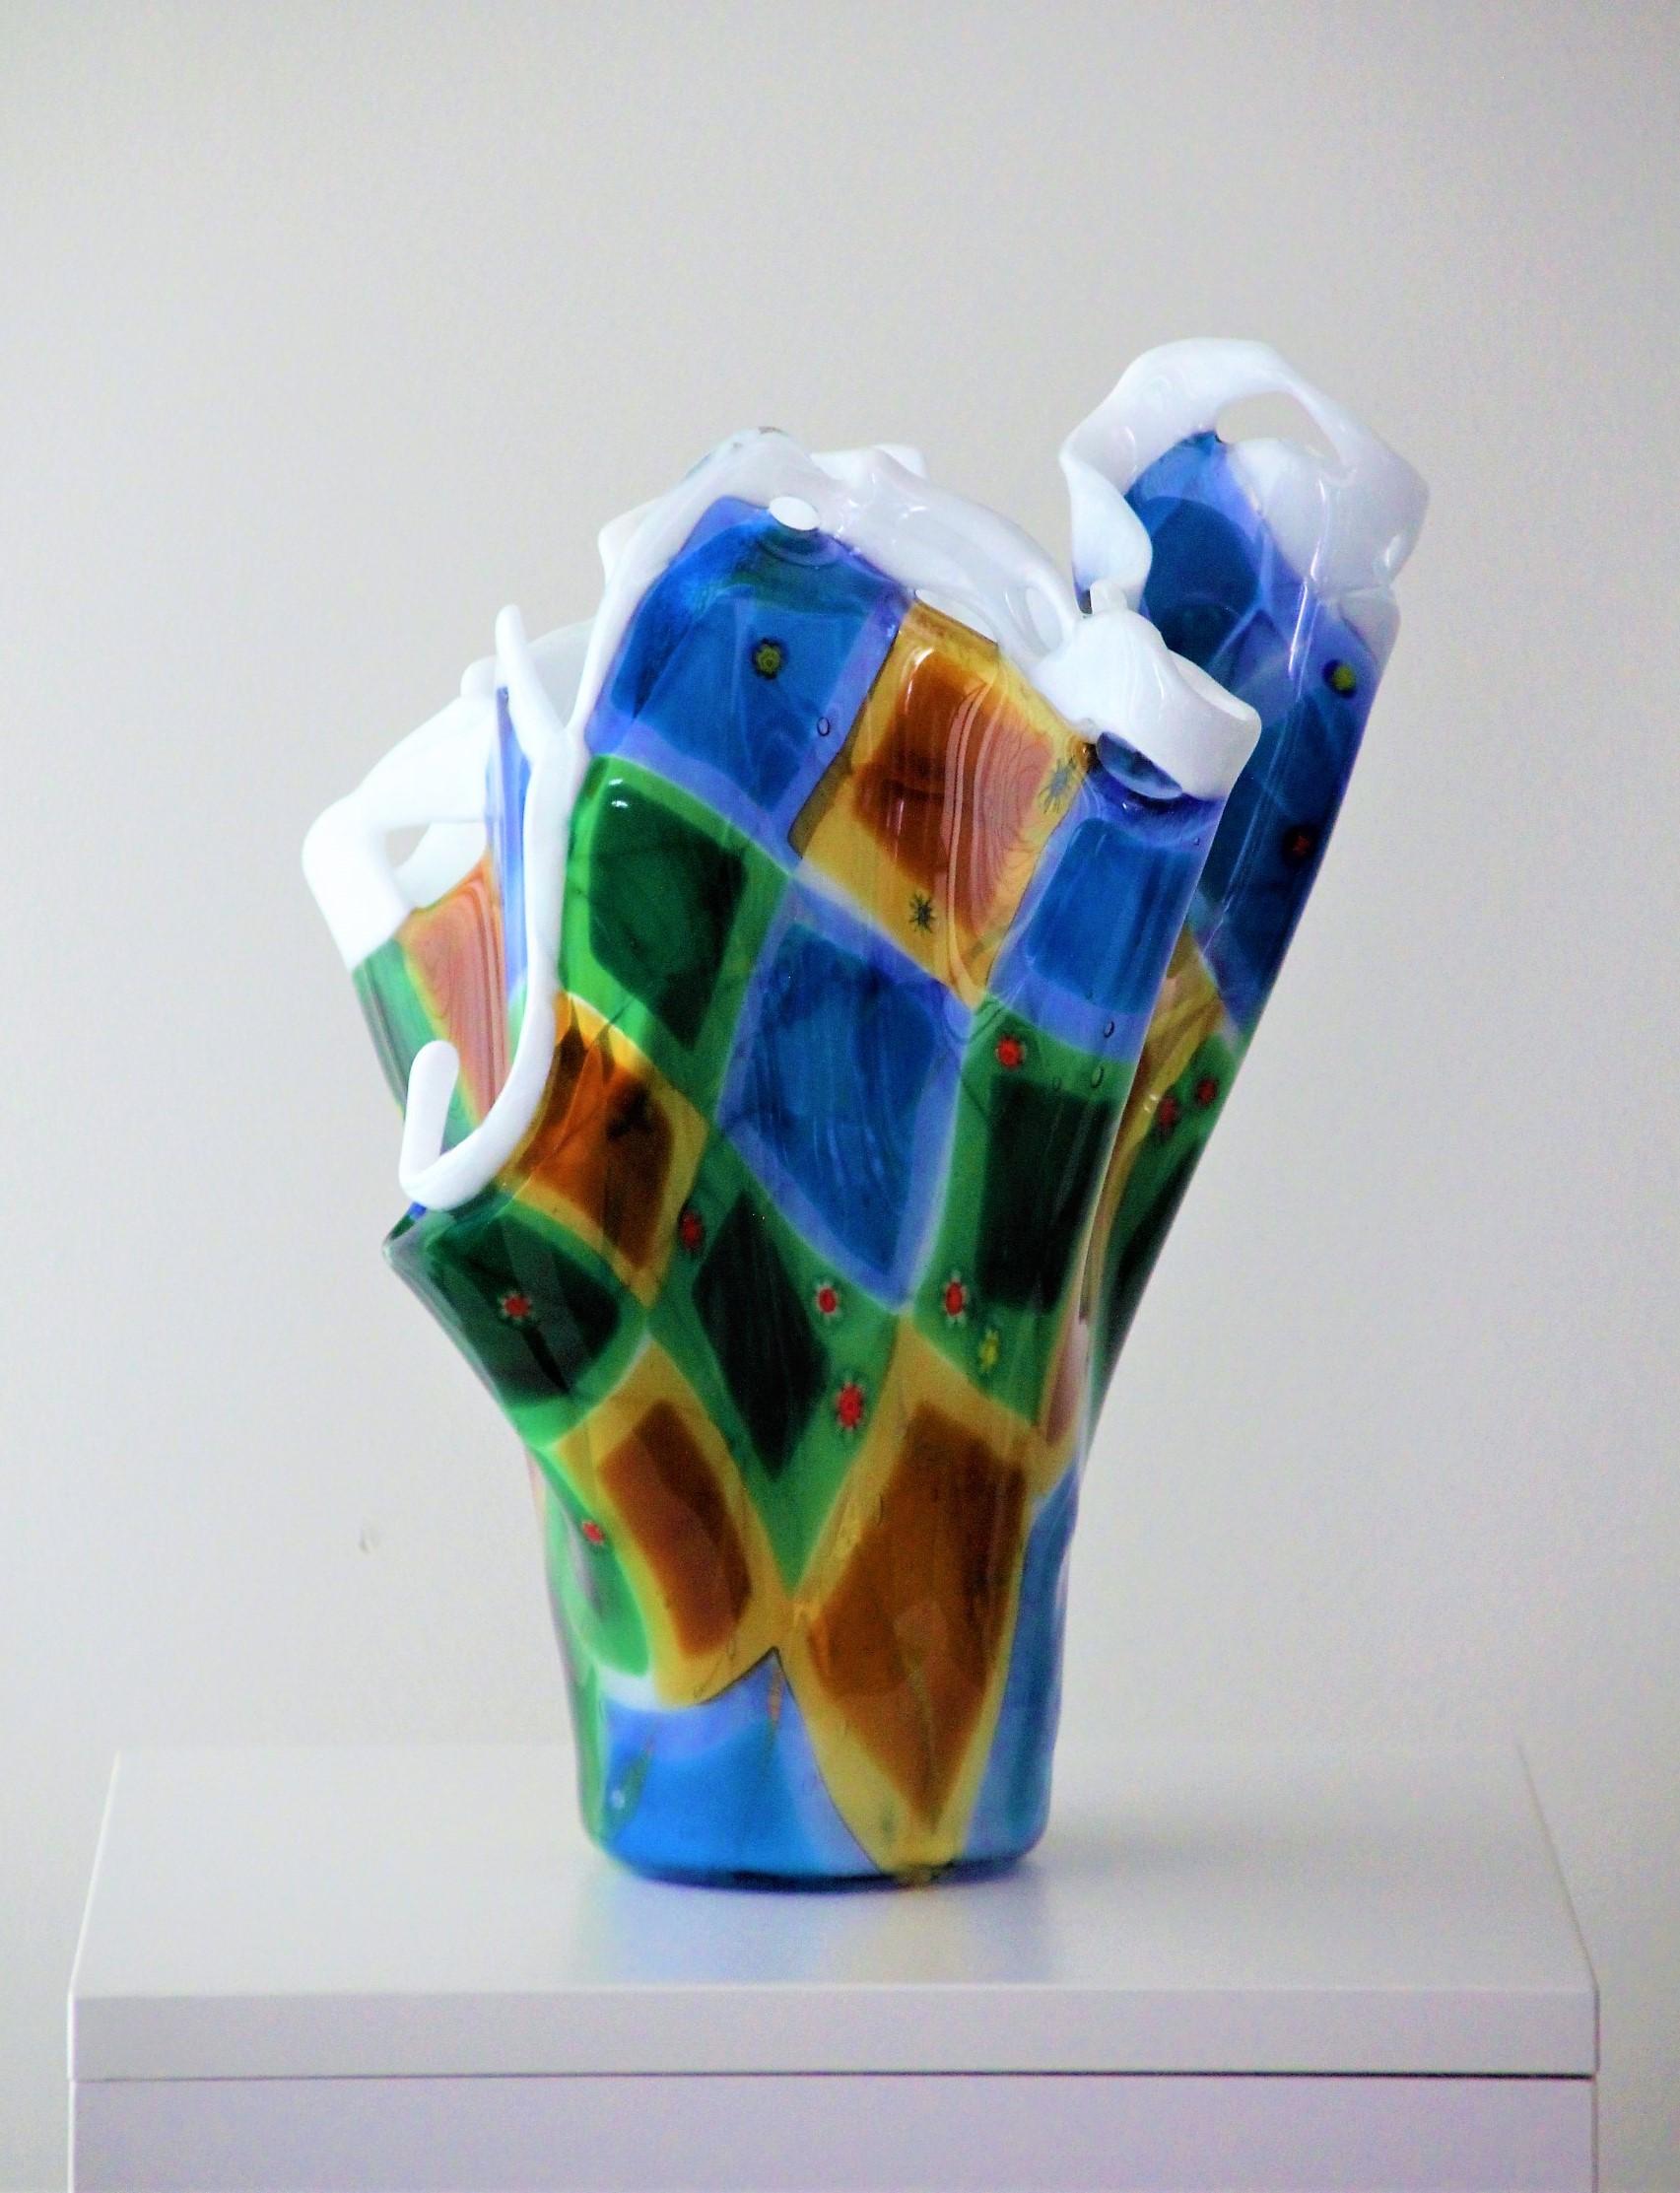 Vetro Pezzato (patchwork glass)